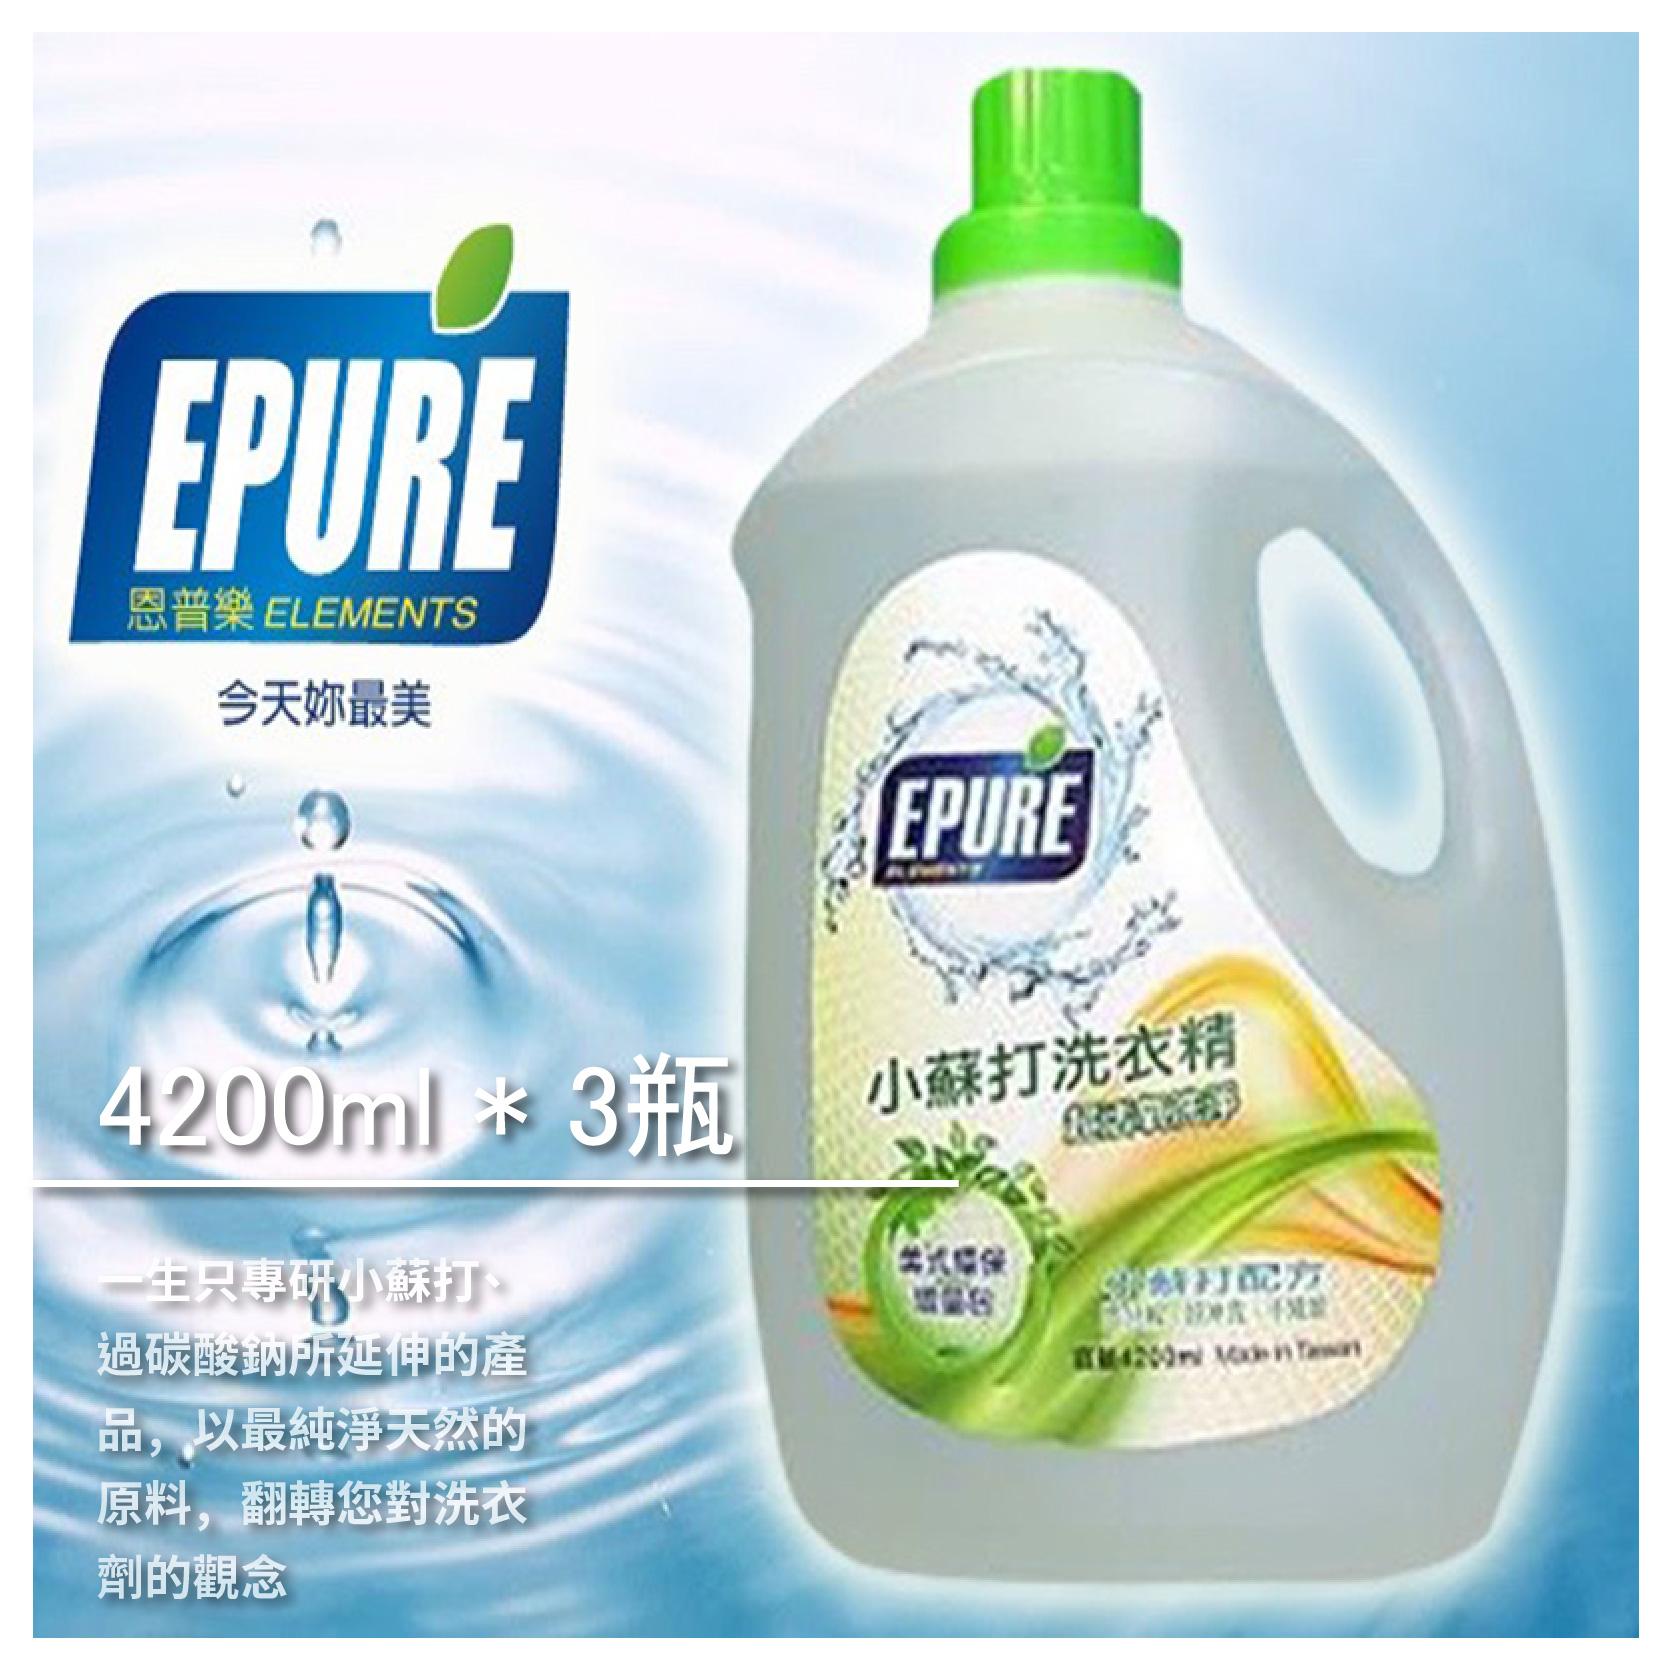 【EPURE恩普樂】小蘇打洗衣精/洗衣精/4200ml-3瓶